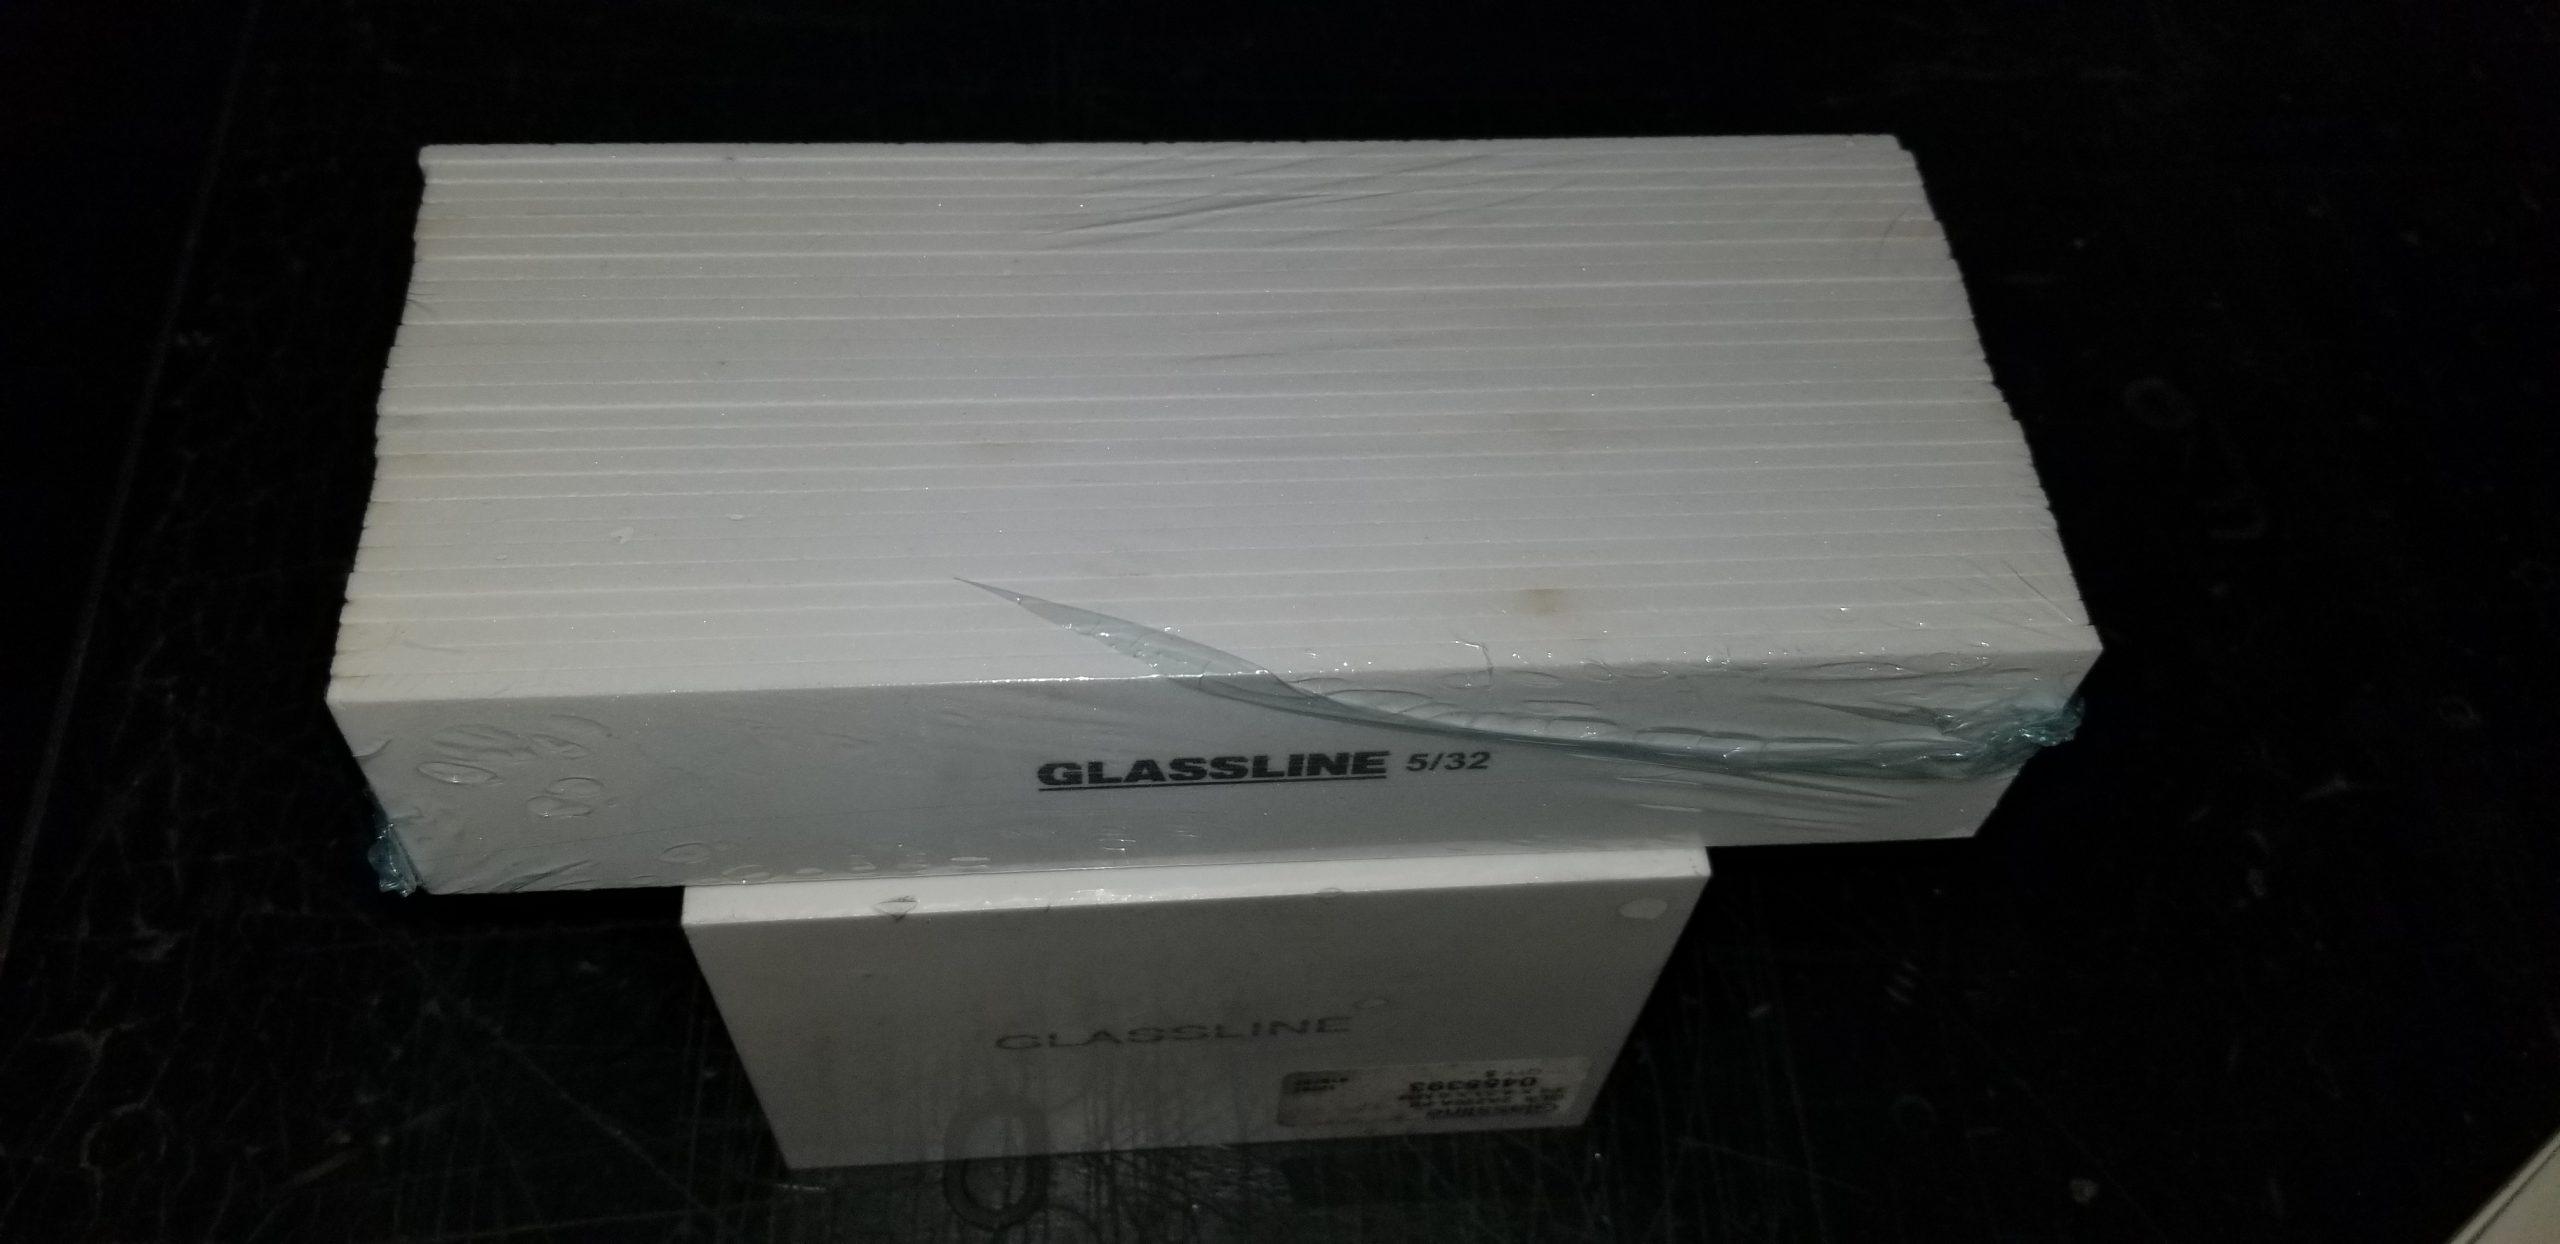 Glassline Dressing Sticks - GLDS 9 X 2 X 5/32 W